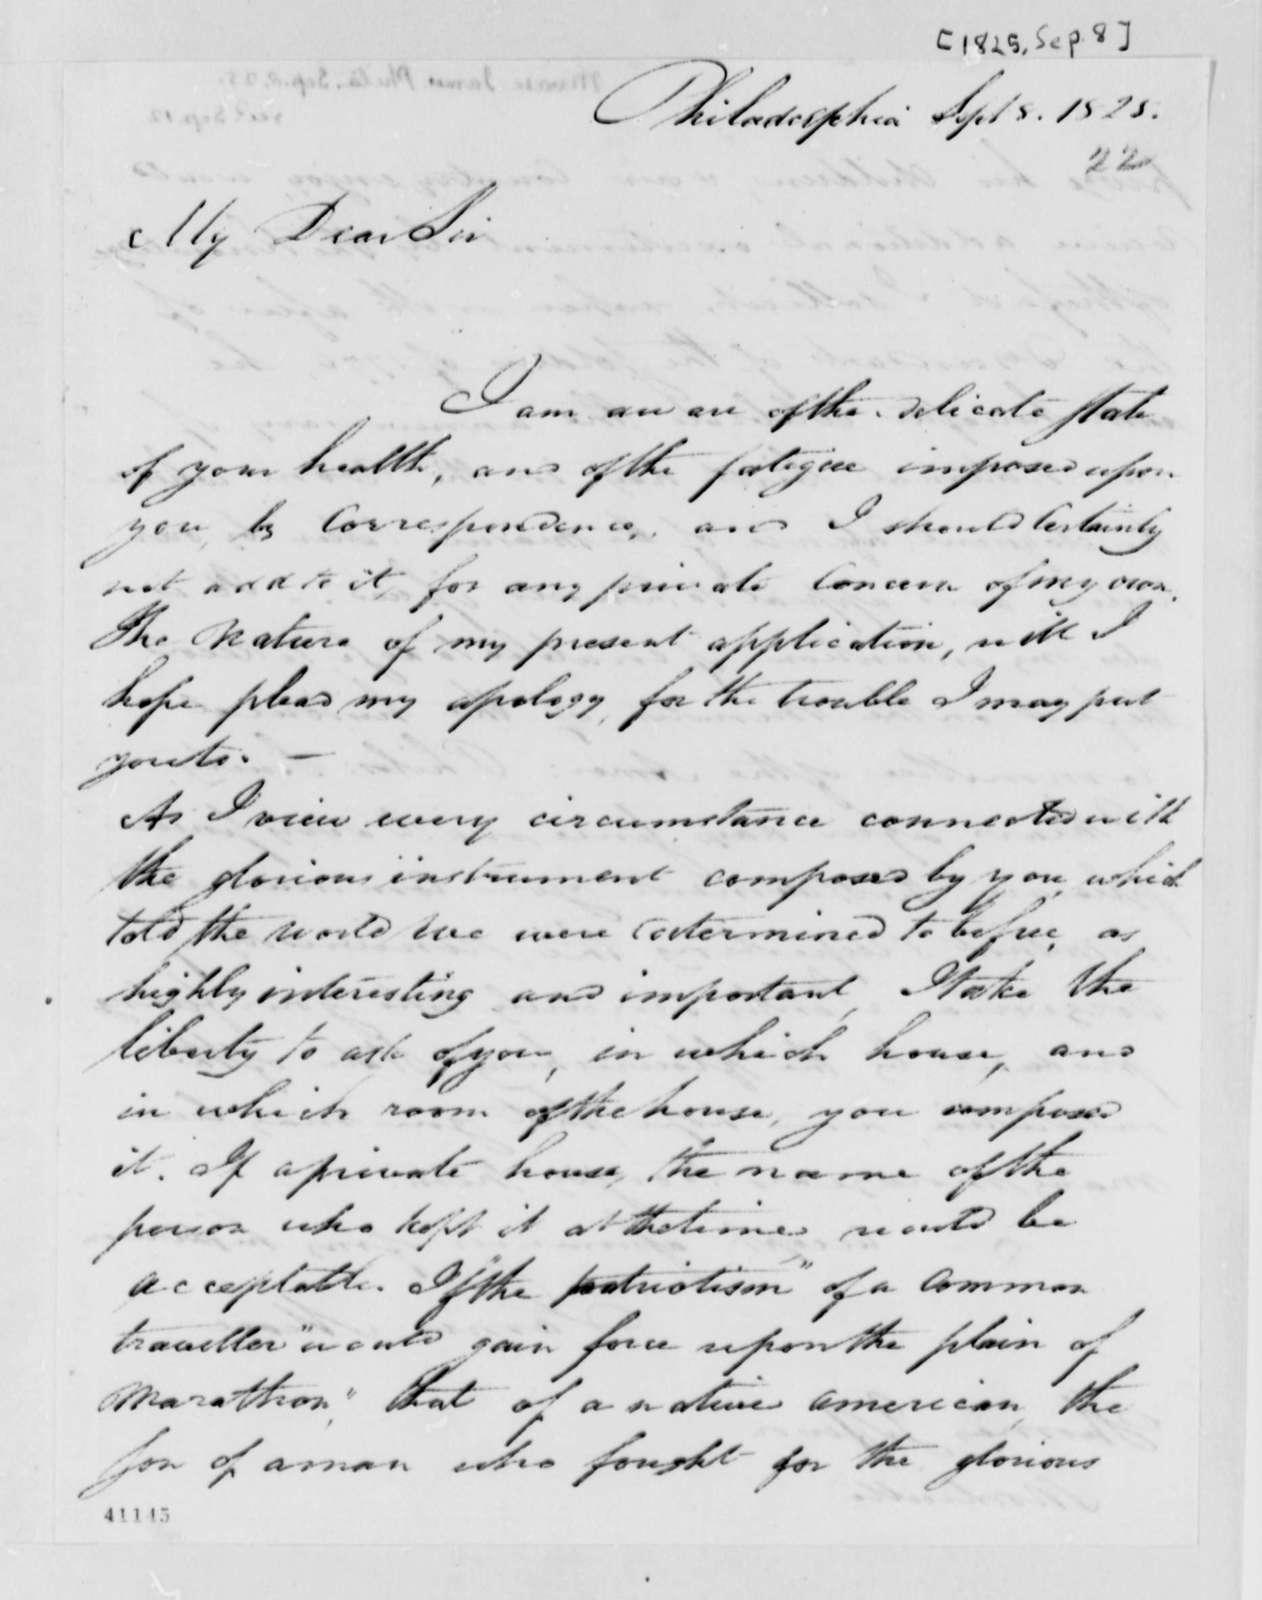 James Mease to Thomas Jefferson, September 8, 1825